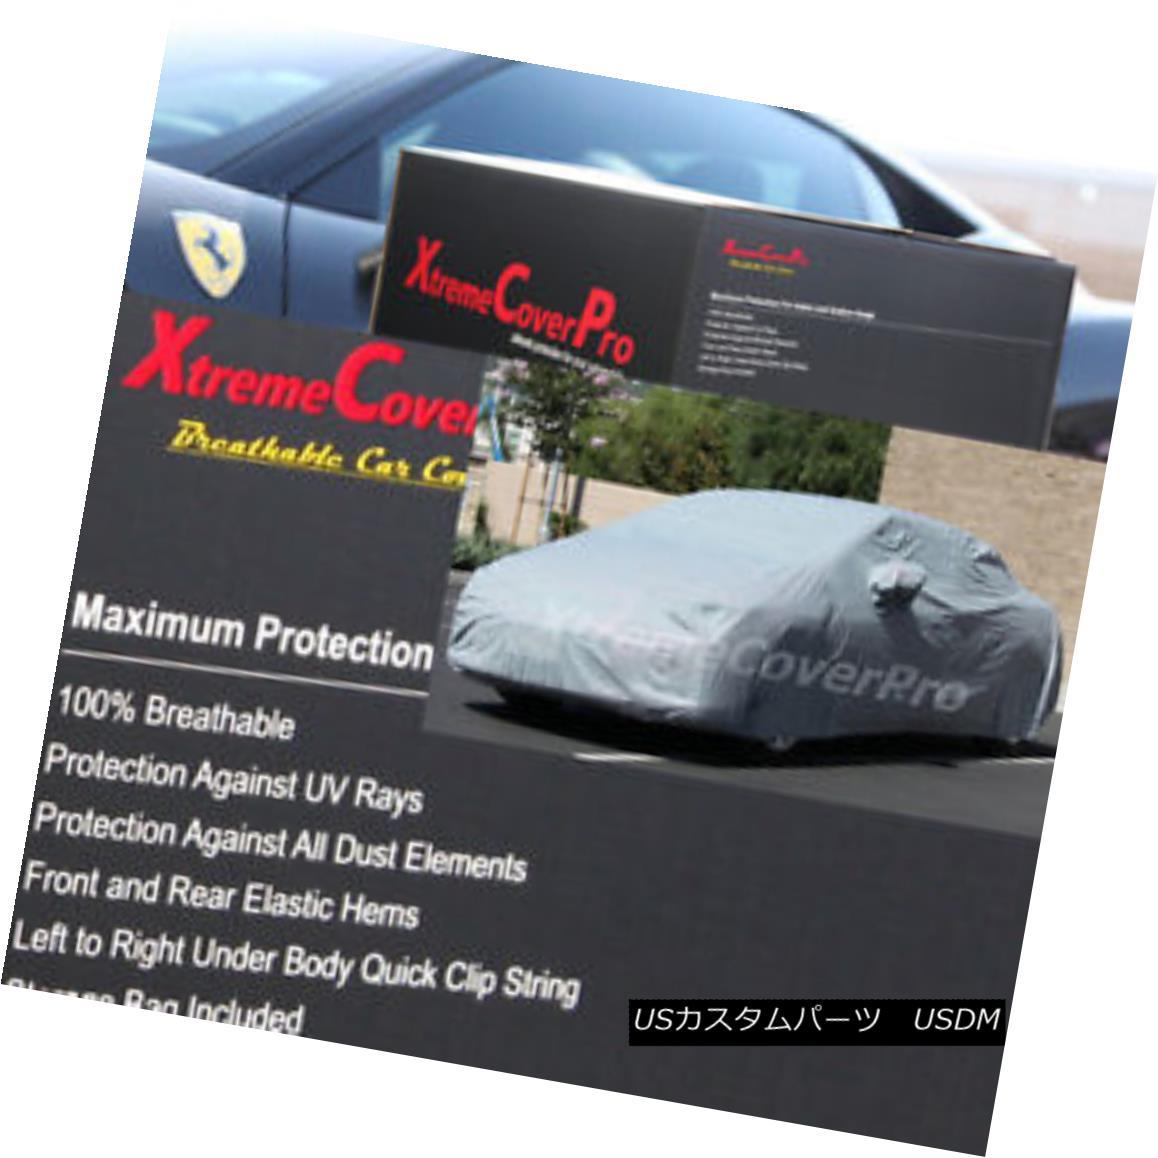 カーカバー 2015 SUBARU LEGACY Breathable Car Cover w/Mirror Pockets - Gray 2015 SUBARU LEGACY通気性の車カバー付き/ミラーポケット - グレー